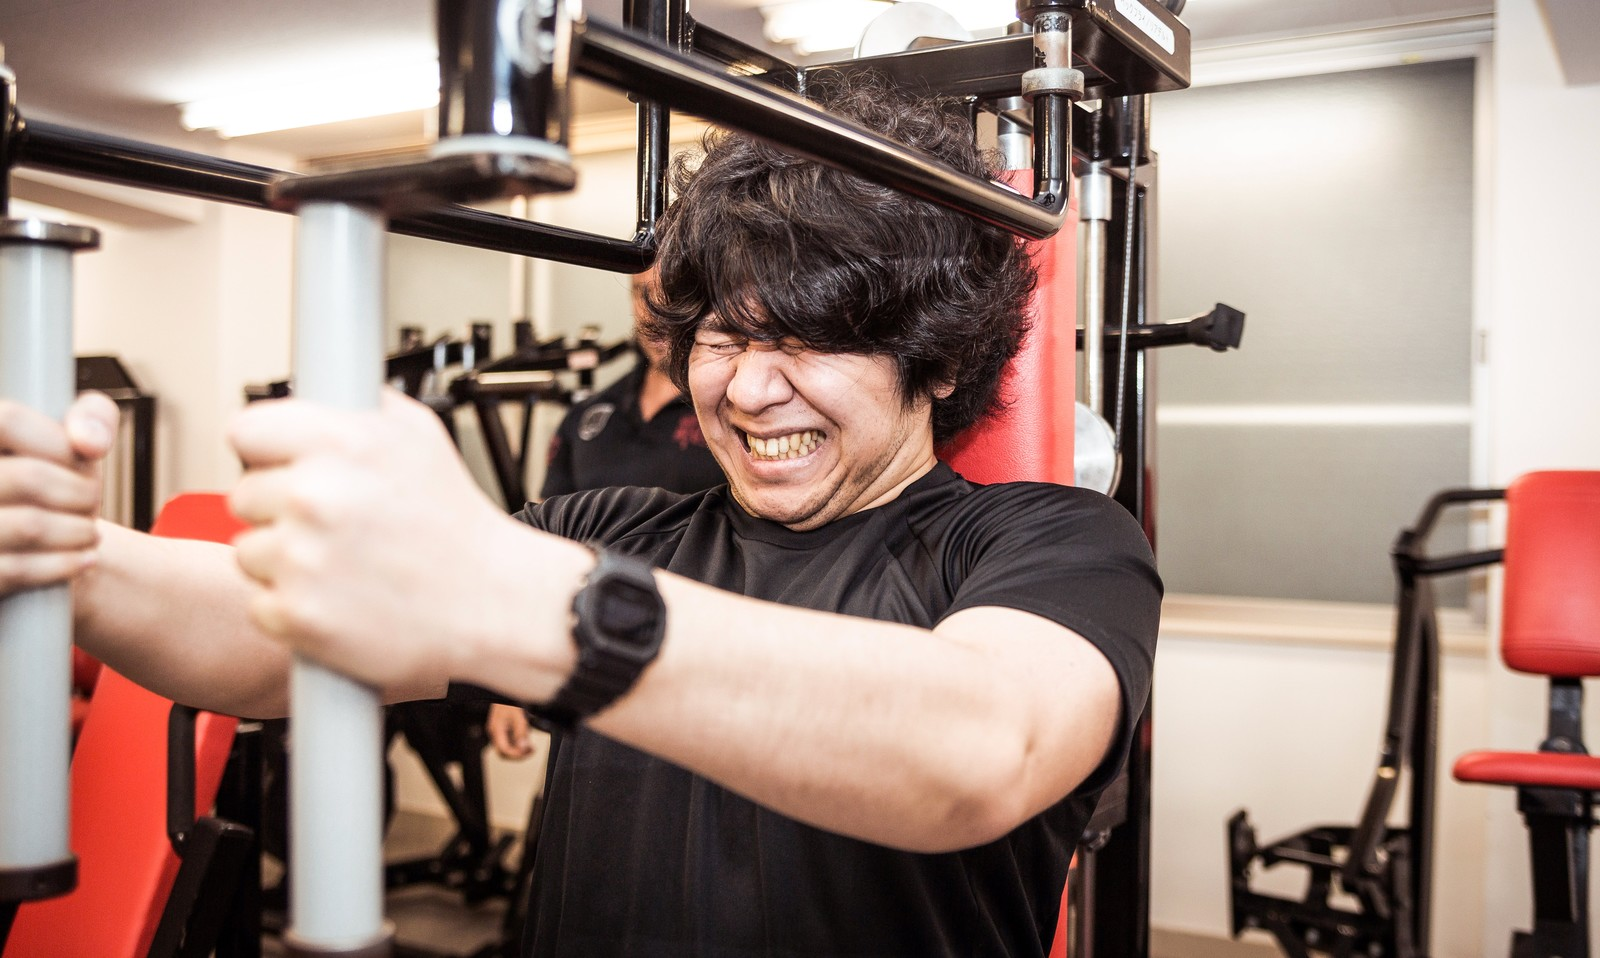 「バタフライマシンで大胸筋の肥大を狙う肥満児」の写真[モデル:あまのじゃく]